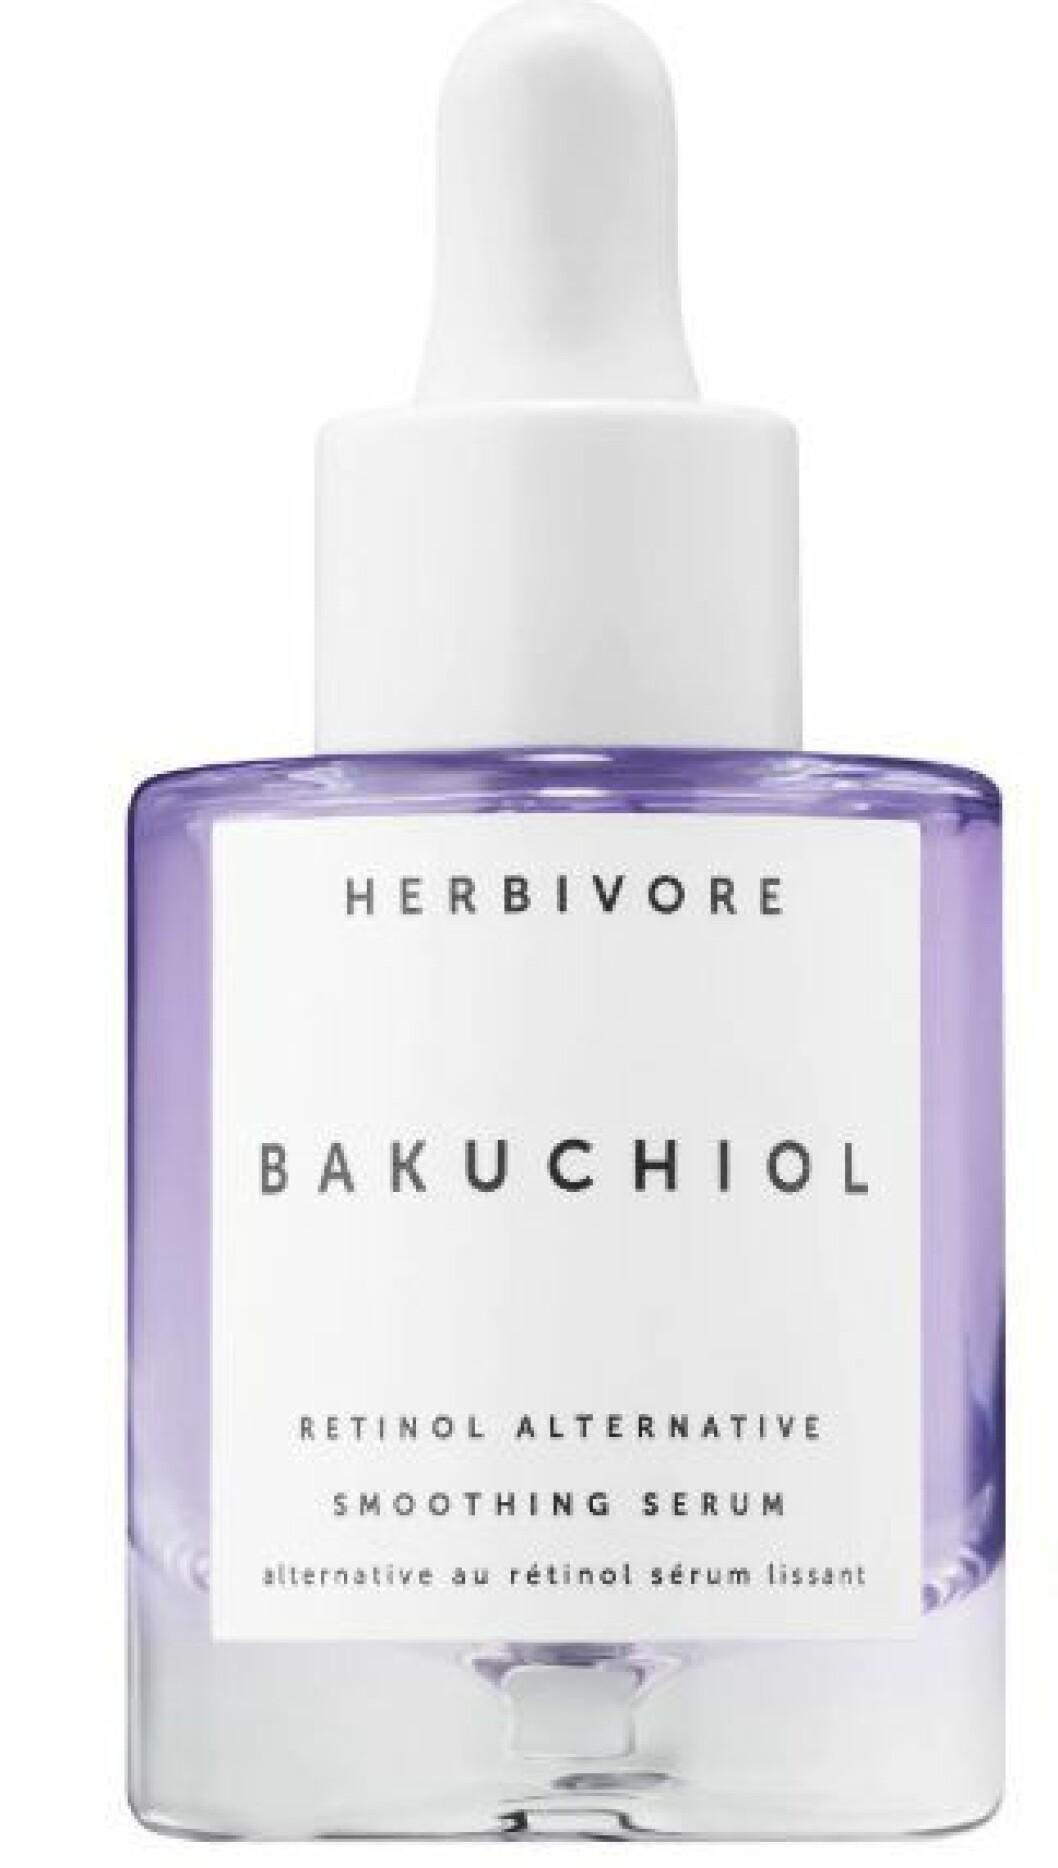 Herbivores Bakuchiol retinol alternative smoothing serum